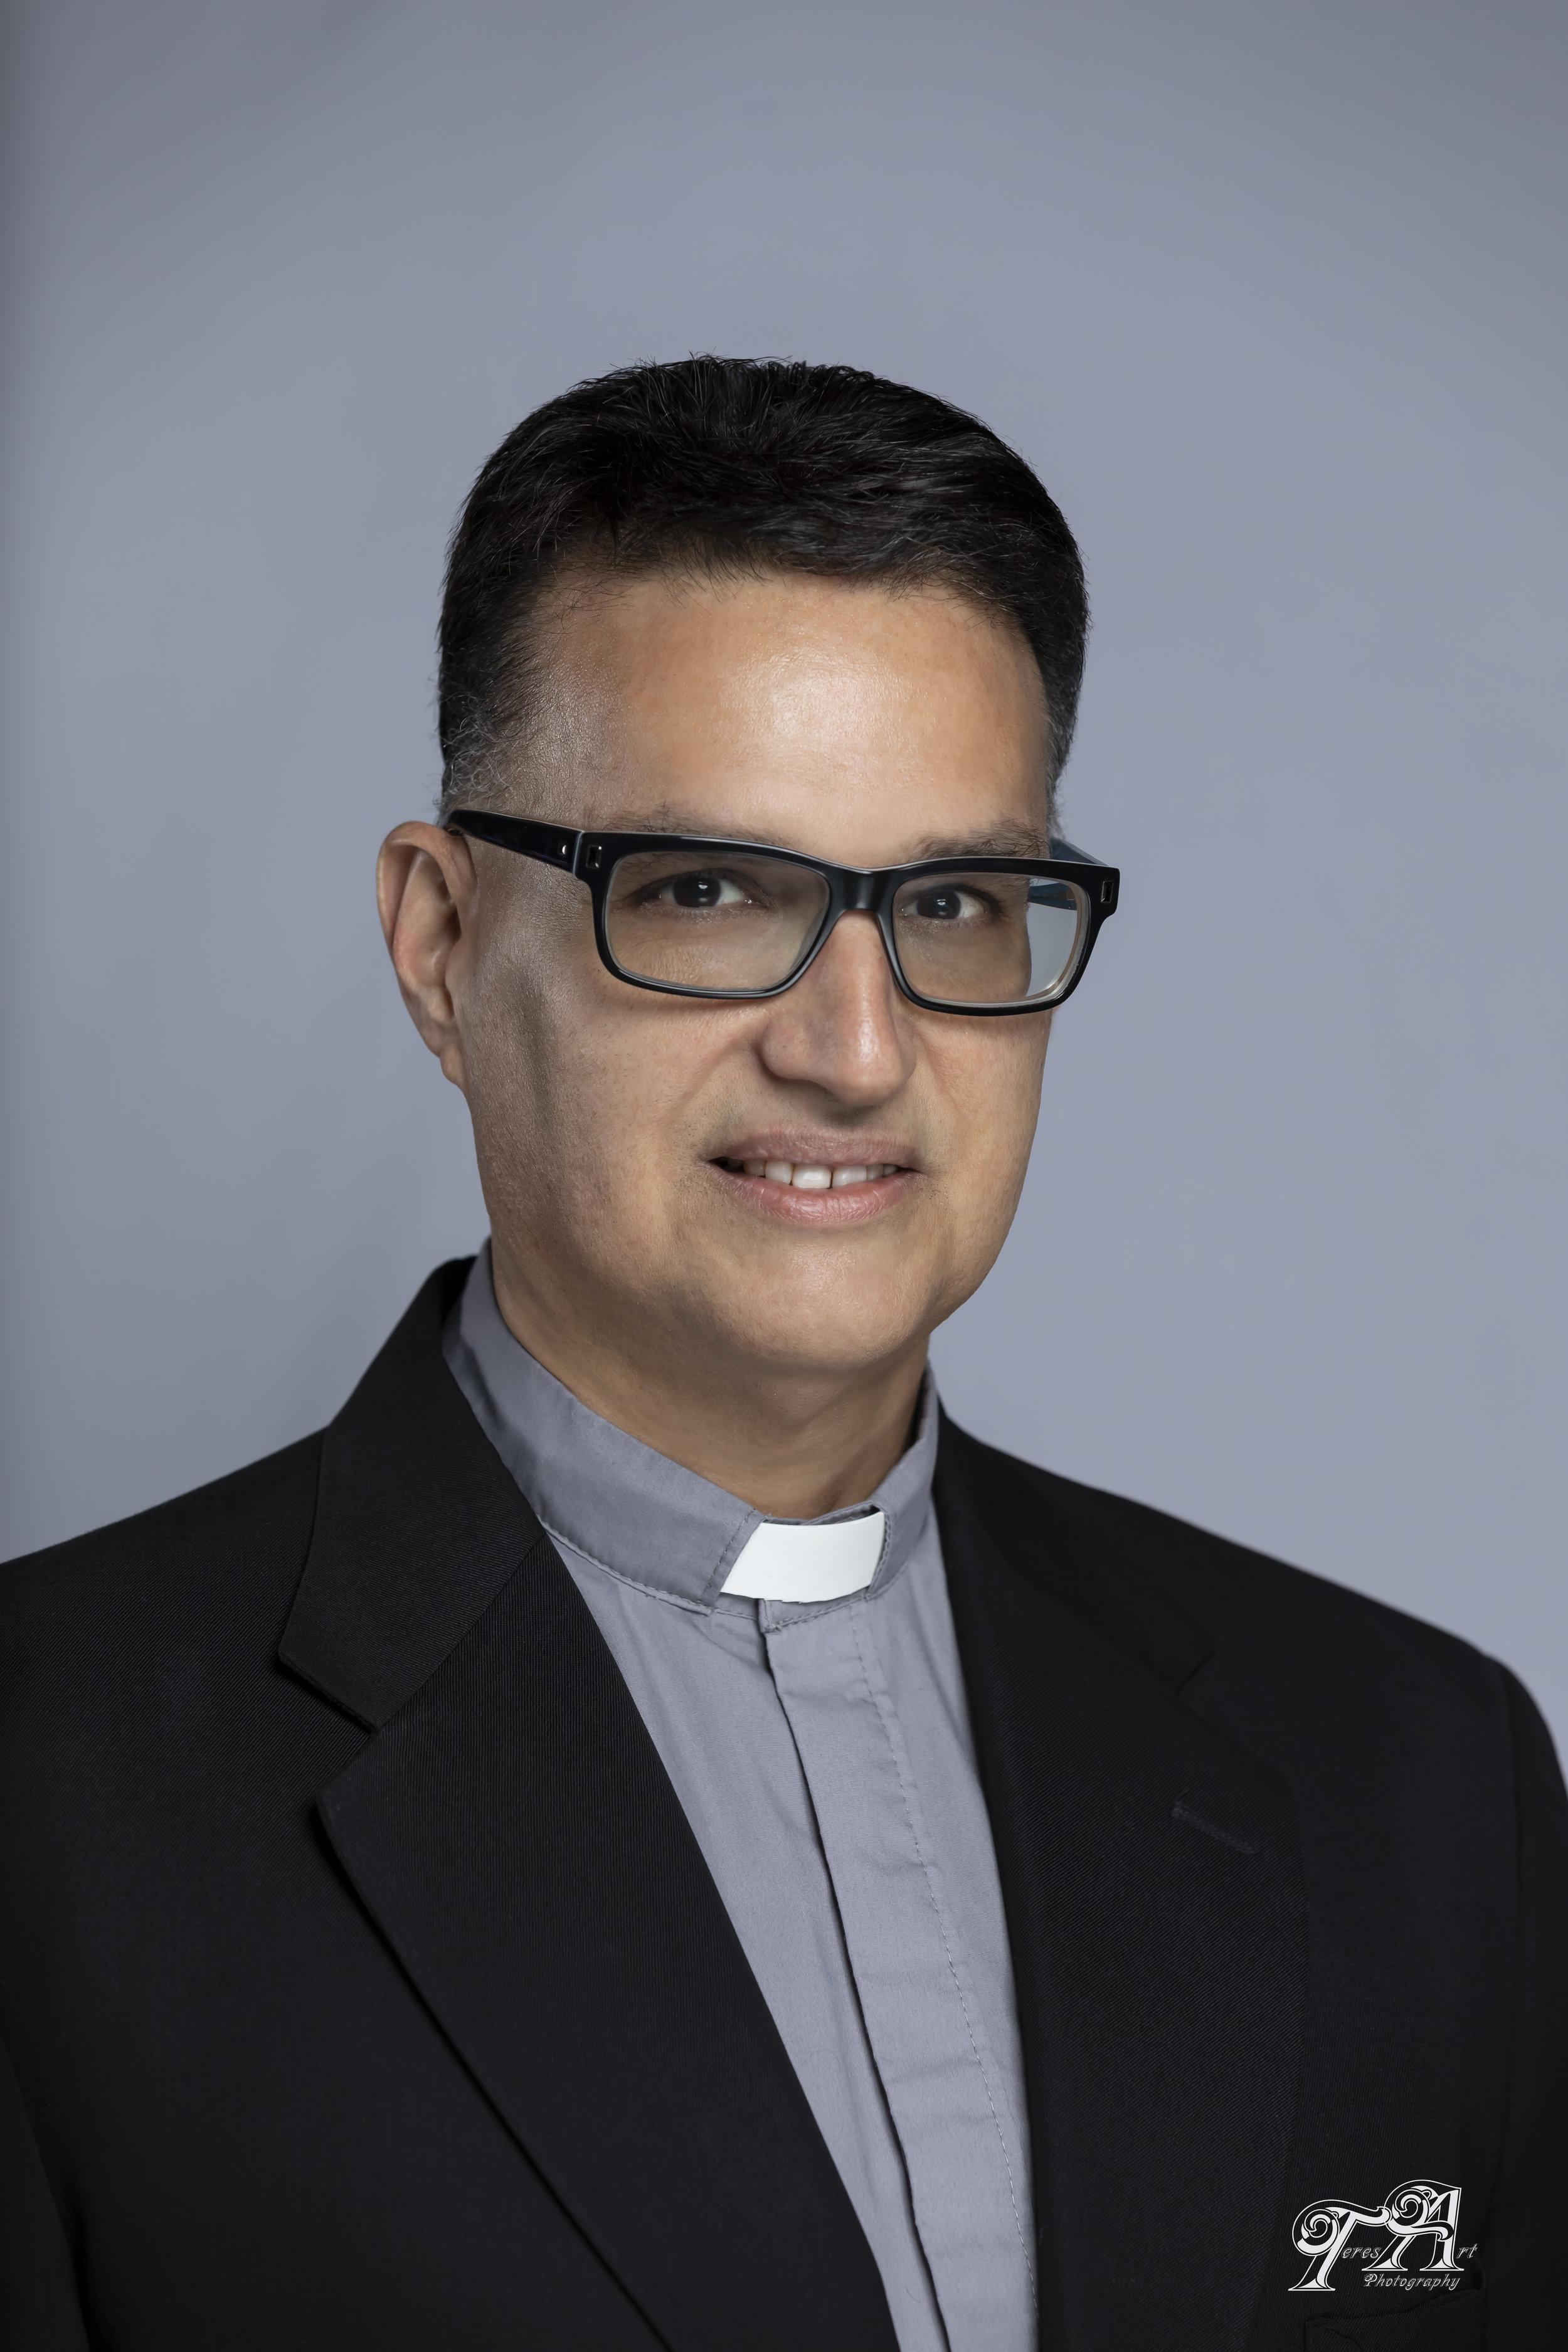 Deacon Samuel Soto - Diácono a la comunidad latinaCorreo Electrónico: SSoto@StBridgetUP.org